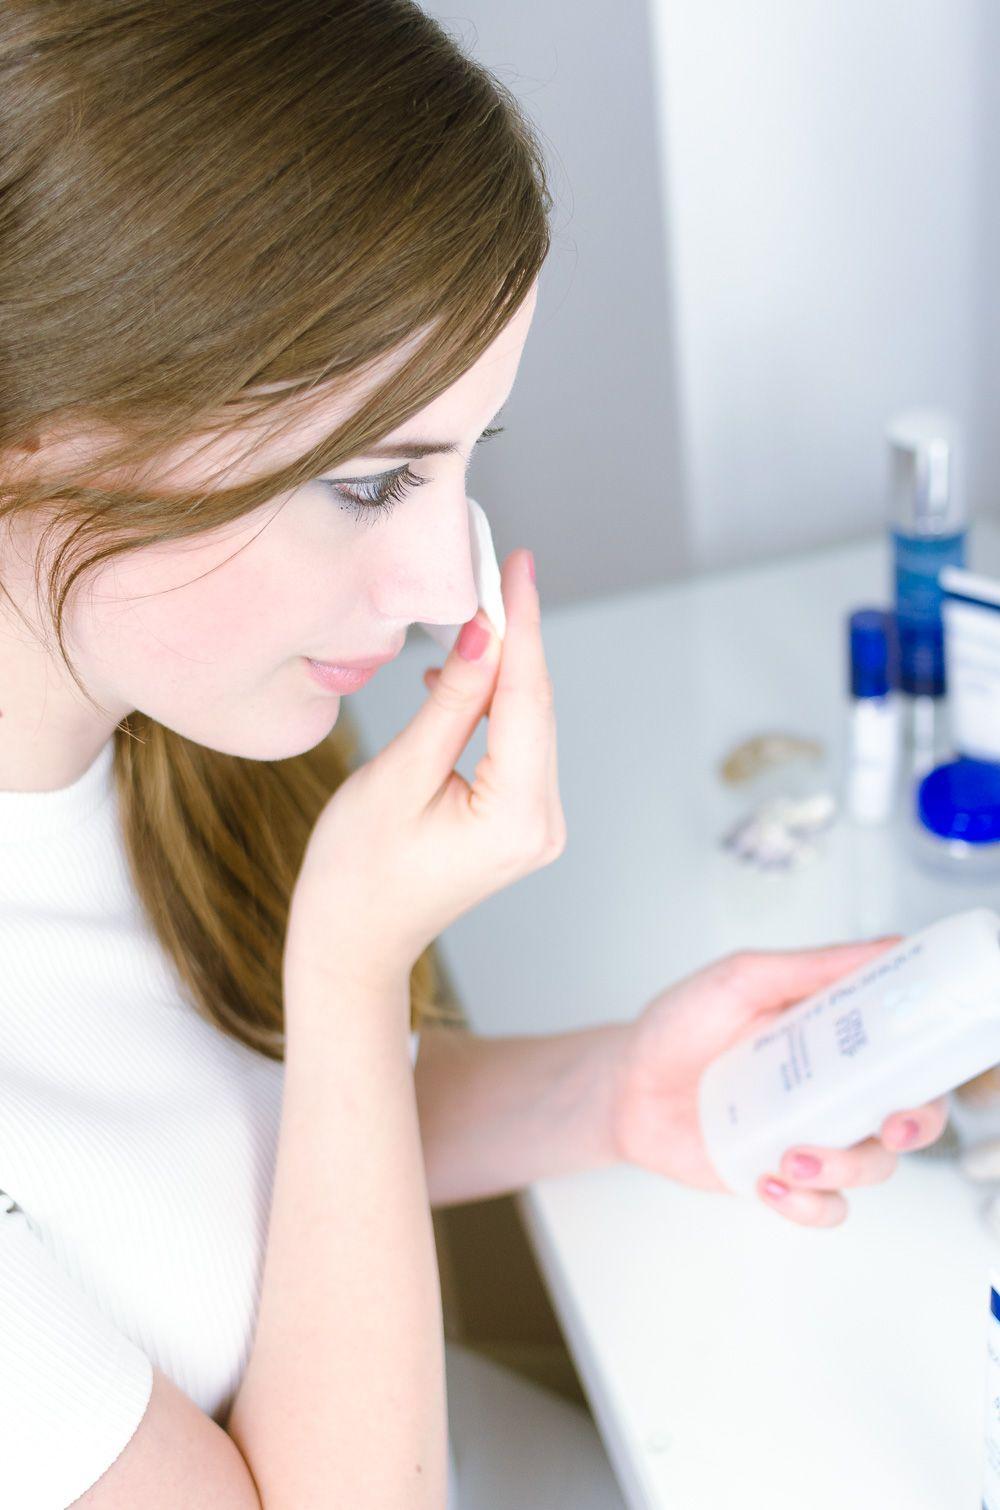 Hochwertige und moderne Anti-Aging-Hautpflege: Beauté Pacifique  (andysparkles)